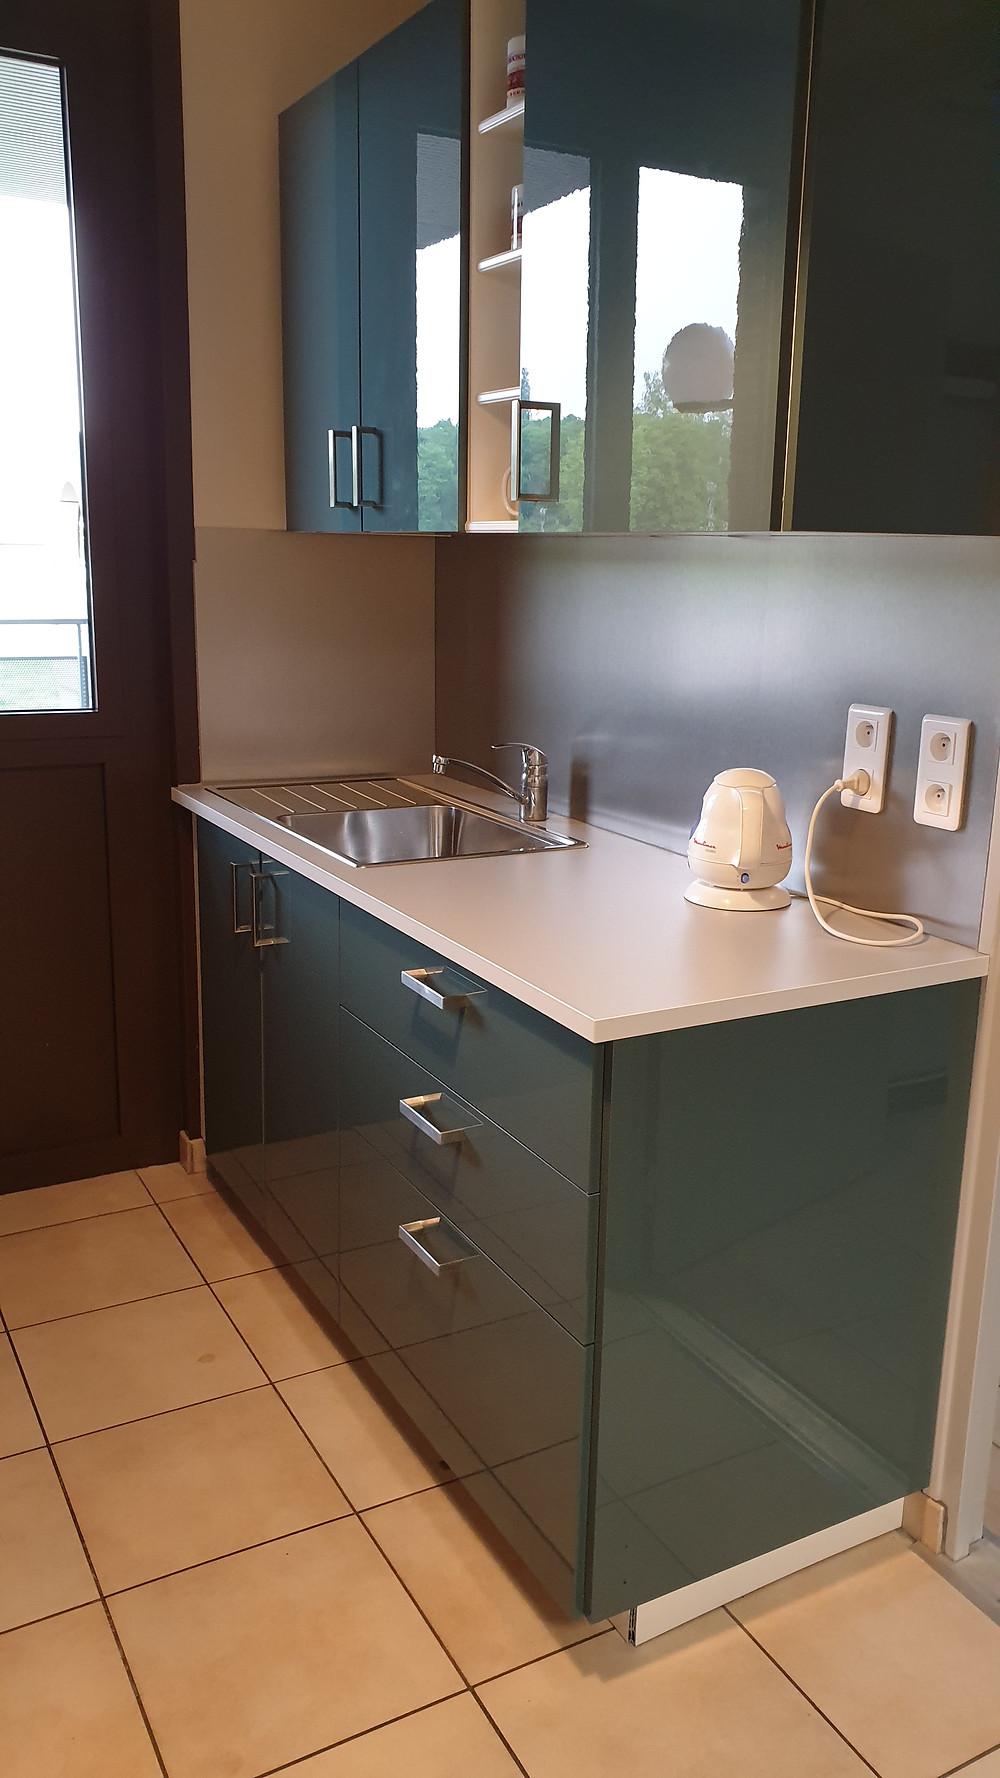 Aménagement d'une kitchenette, élément d'un confort agréable